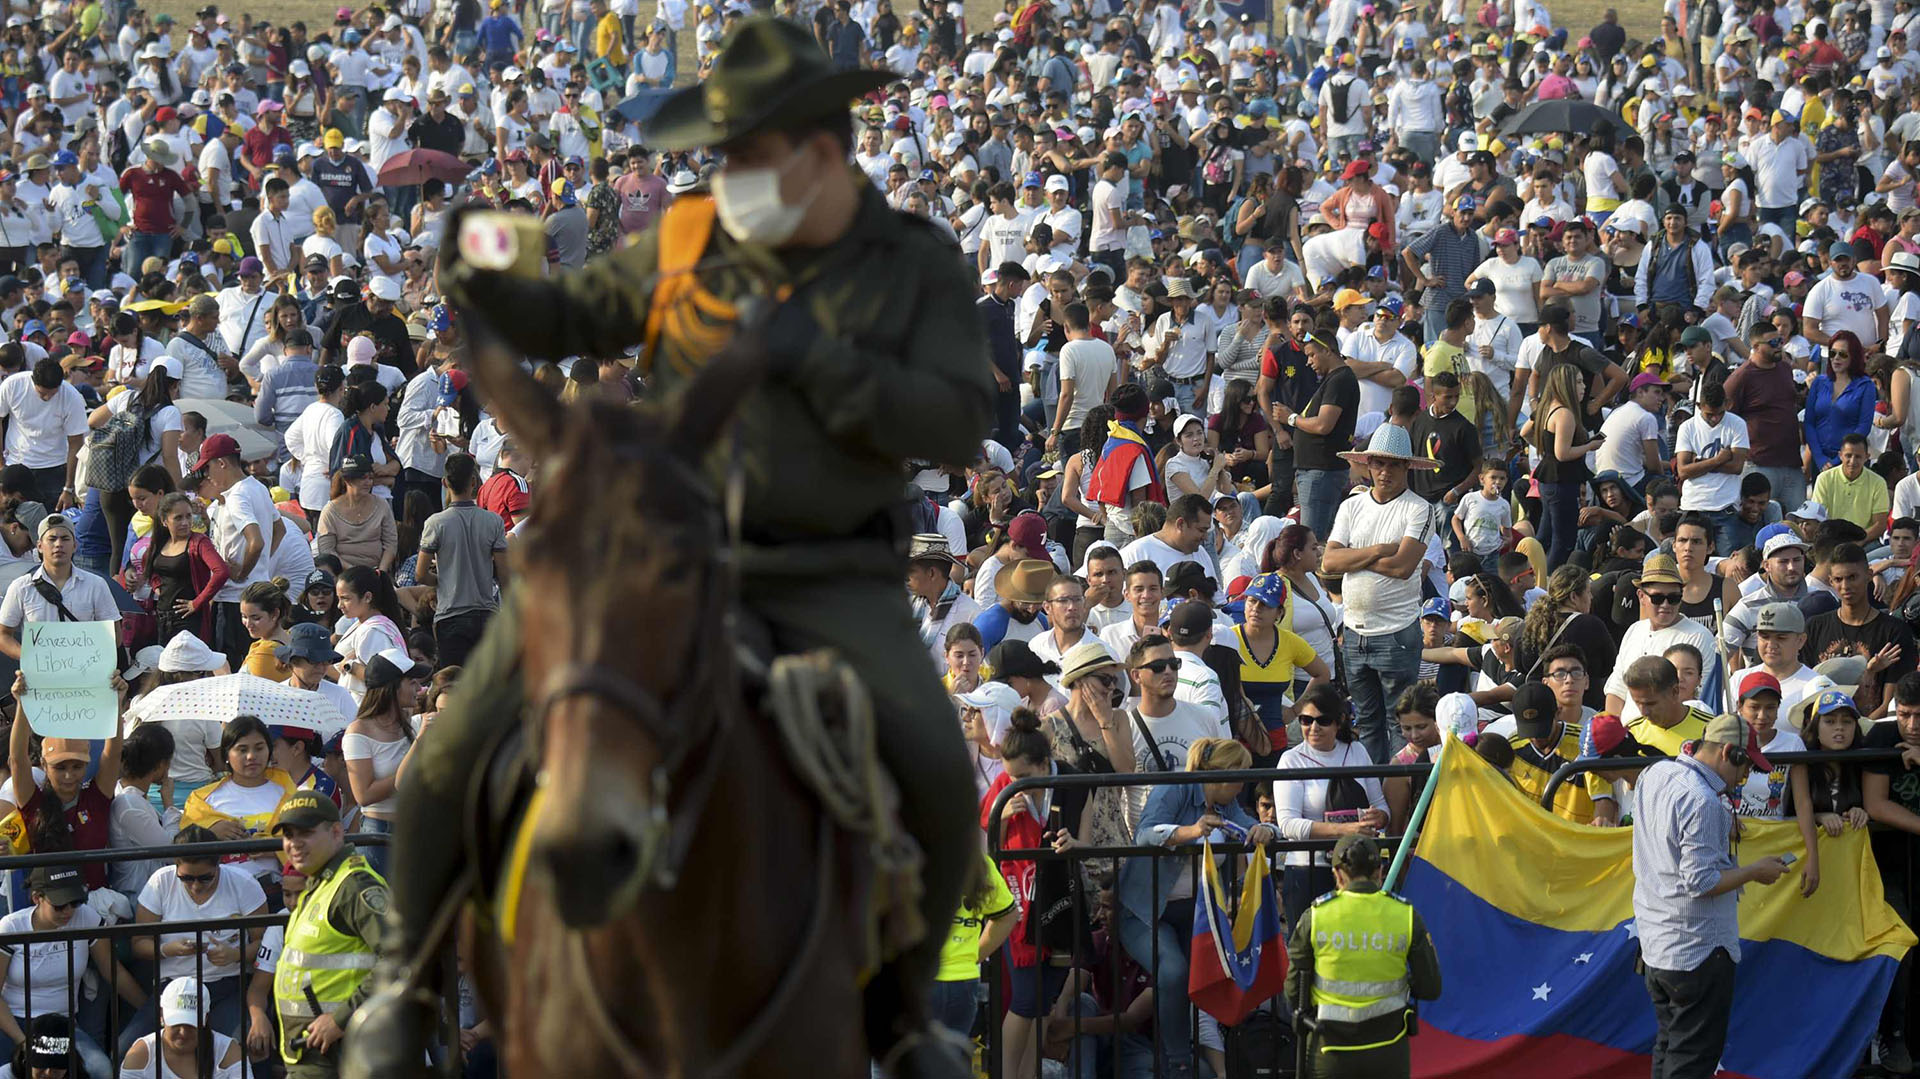 """Un policía a caballo en guardia mientras la gente espera el comienzo del concierto """"Venezuela Aid Live"""", organizado por el multimillonario británico Richard Branson para recaudar fondos para la ayuda humanitaria a Venezuela en el Puente Internacional Tienditas en Cúcuta, Colombia, el 22 de febrero de 2019. (AFP)"""